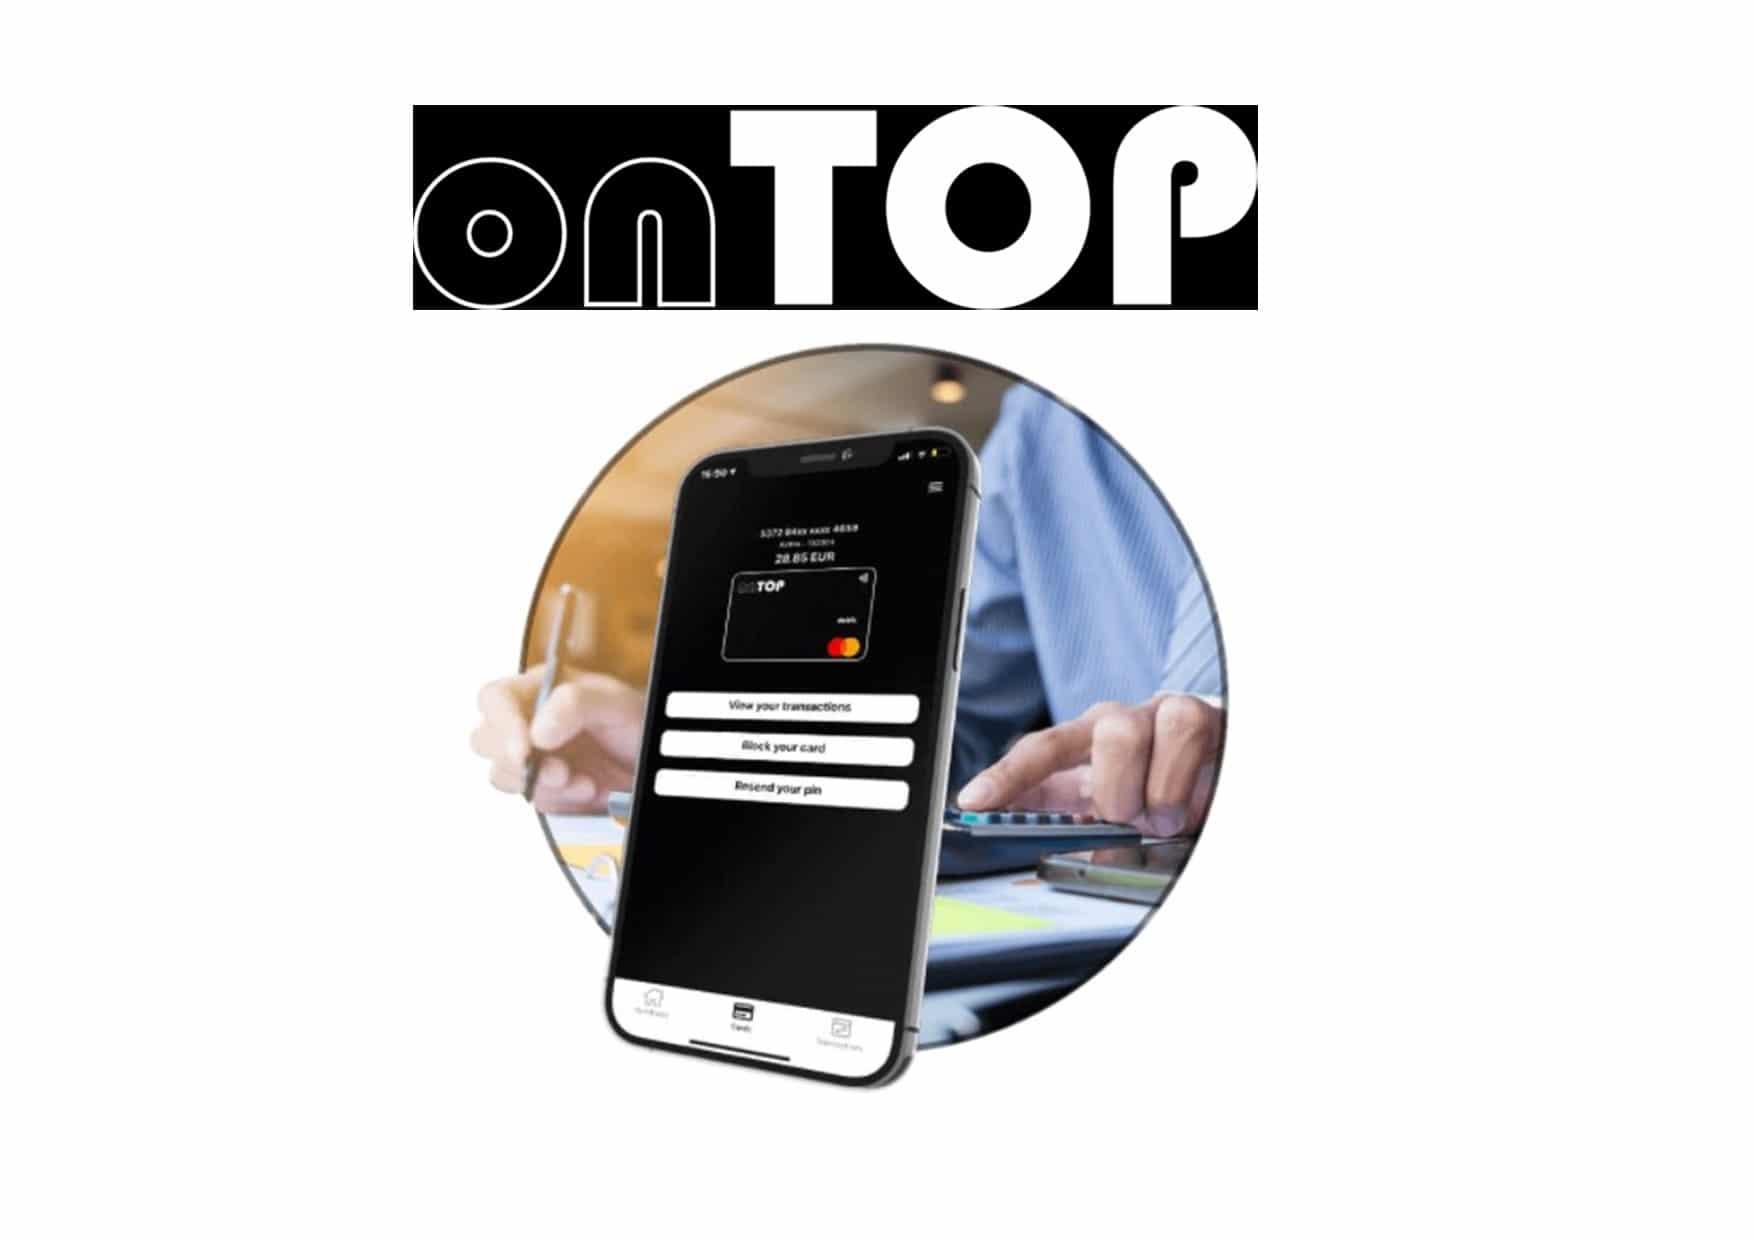 Nasce onTOP, l'alternativa alla banca tradizionale per aziende e professionisti thumbnail